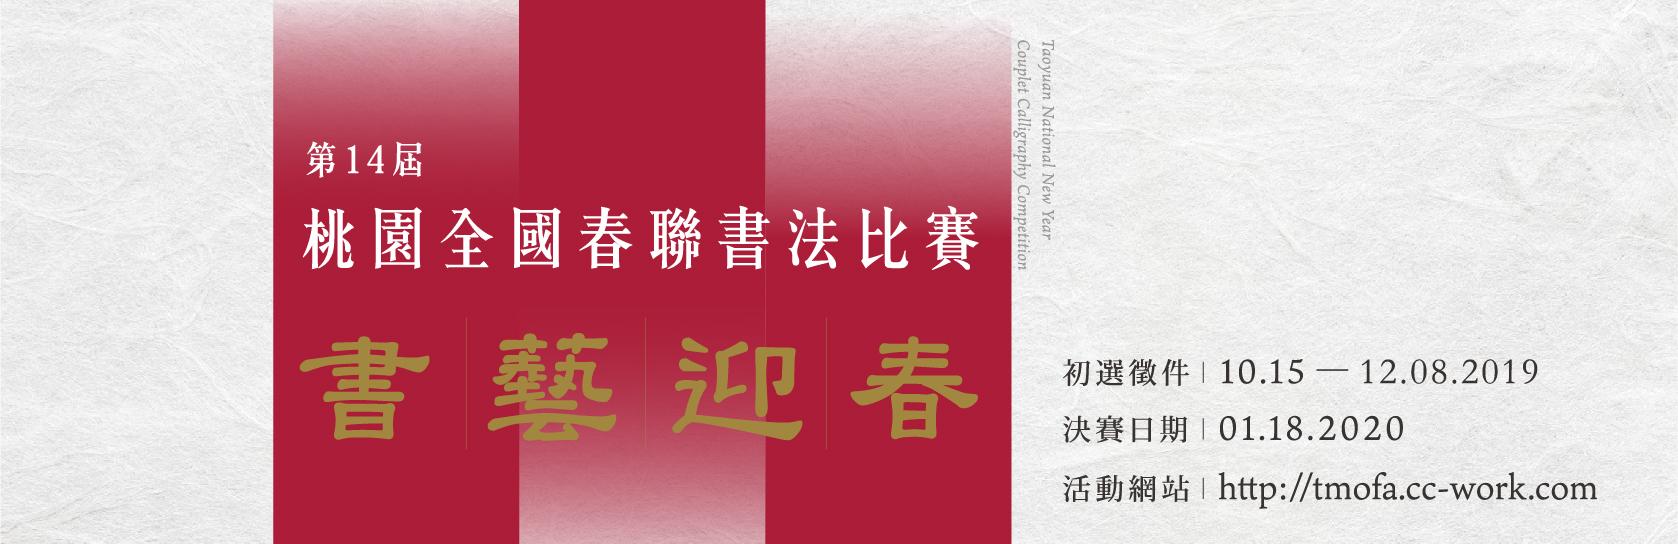 第14屆桃園全國春聯書法比賽(延長報名至12月8日)